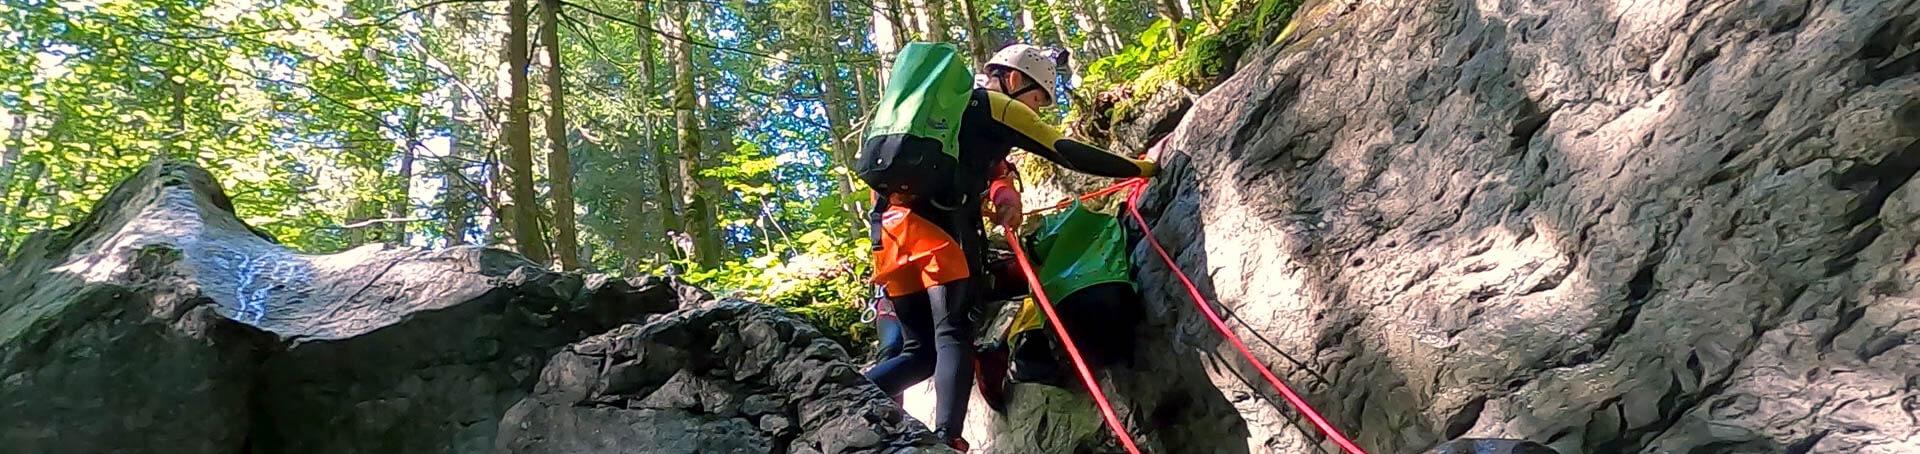 Klettern in der ersten Schlucht